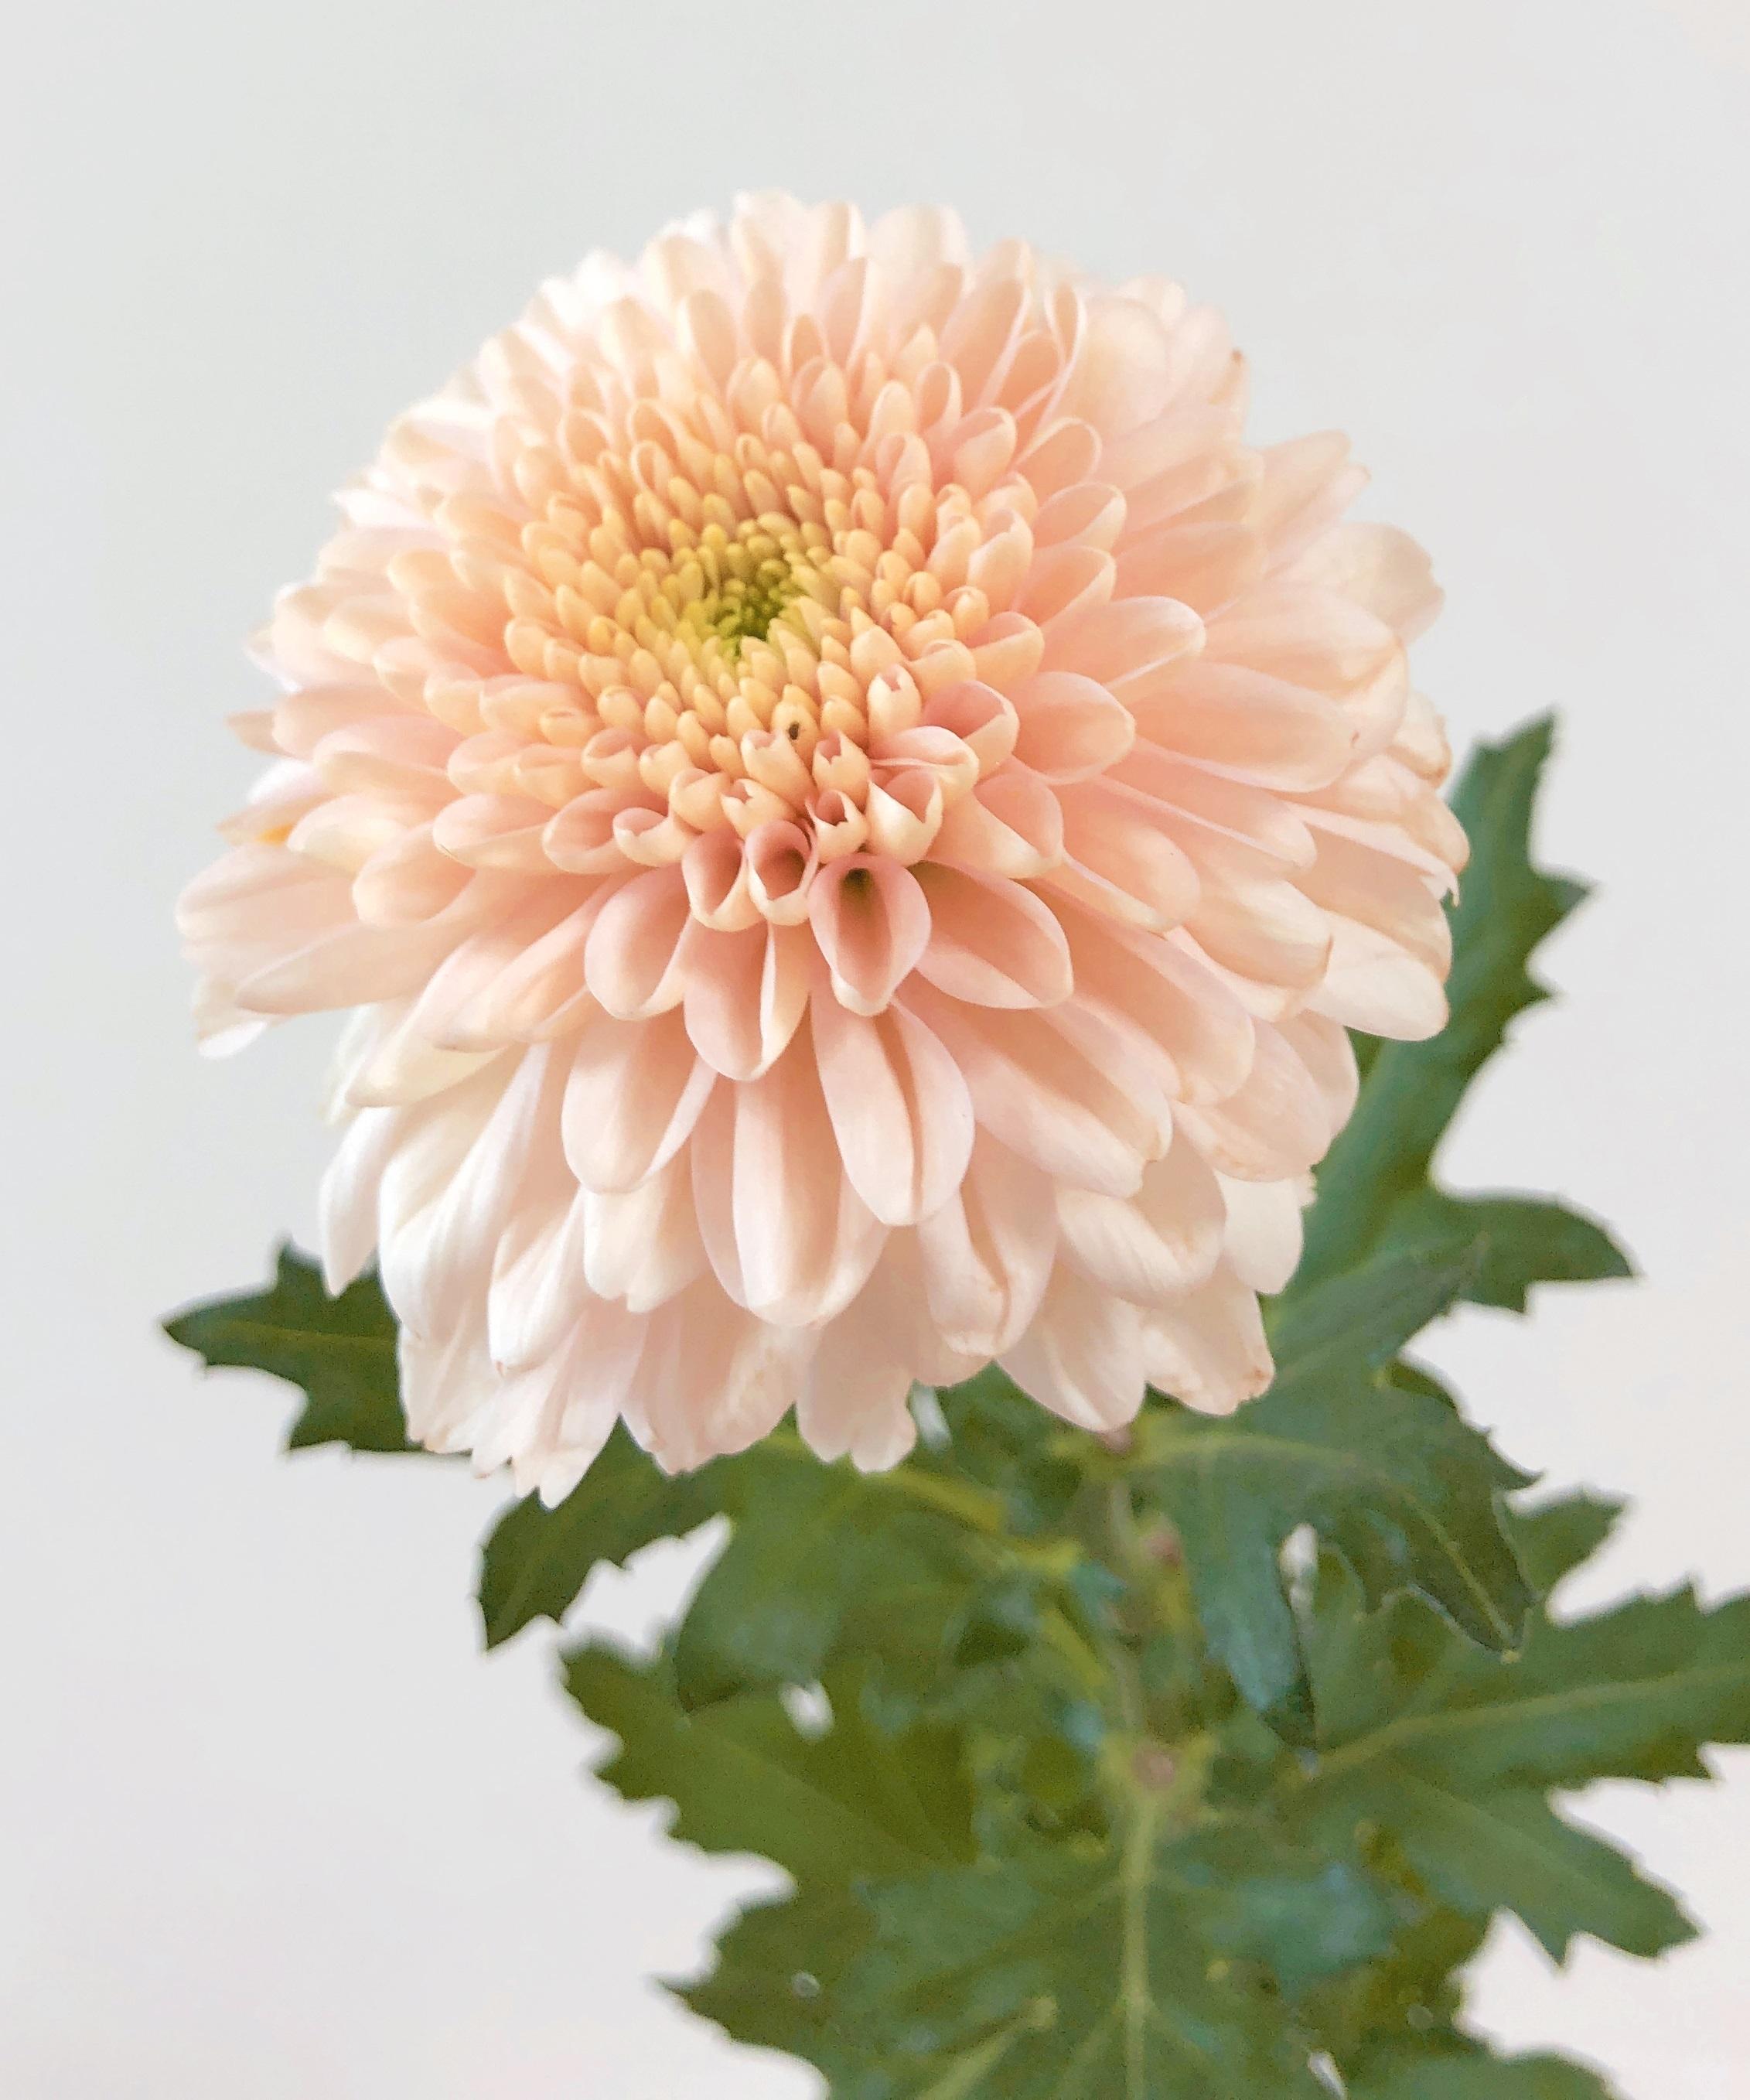 9月9日は『重陽の節句』長寿を願って 菊を飾ろう。 オペラピンク 送料無料